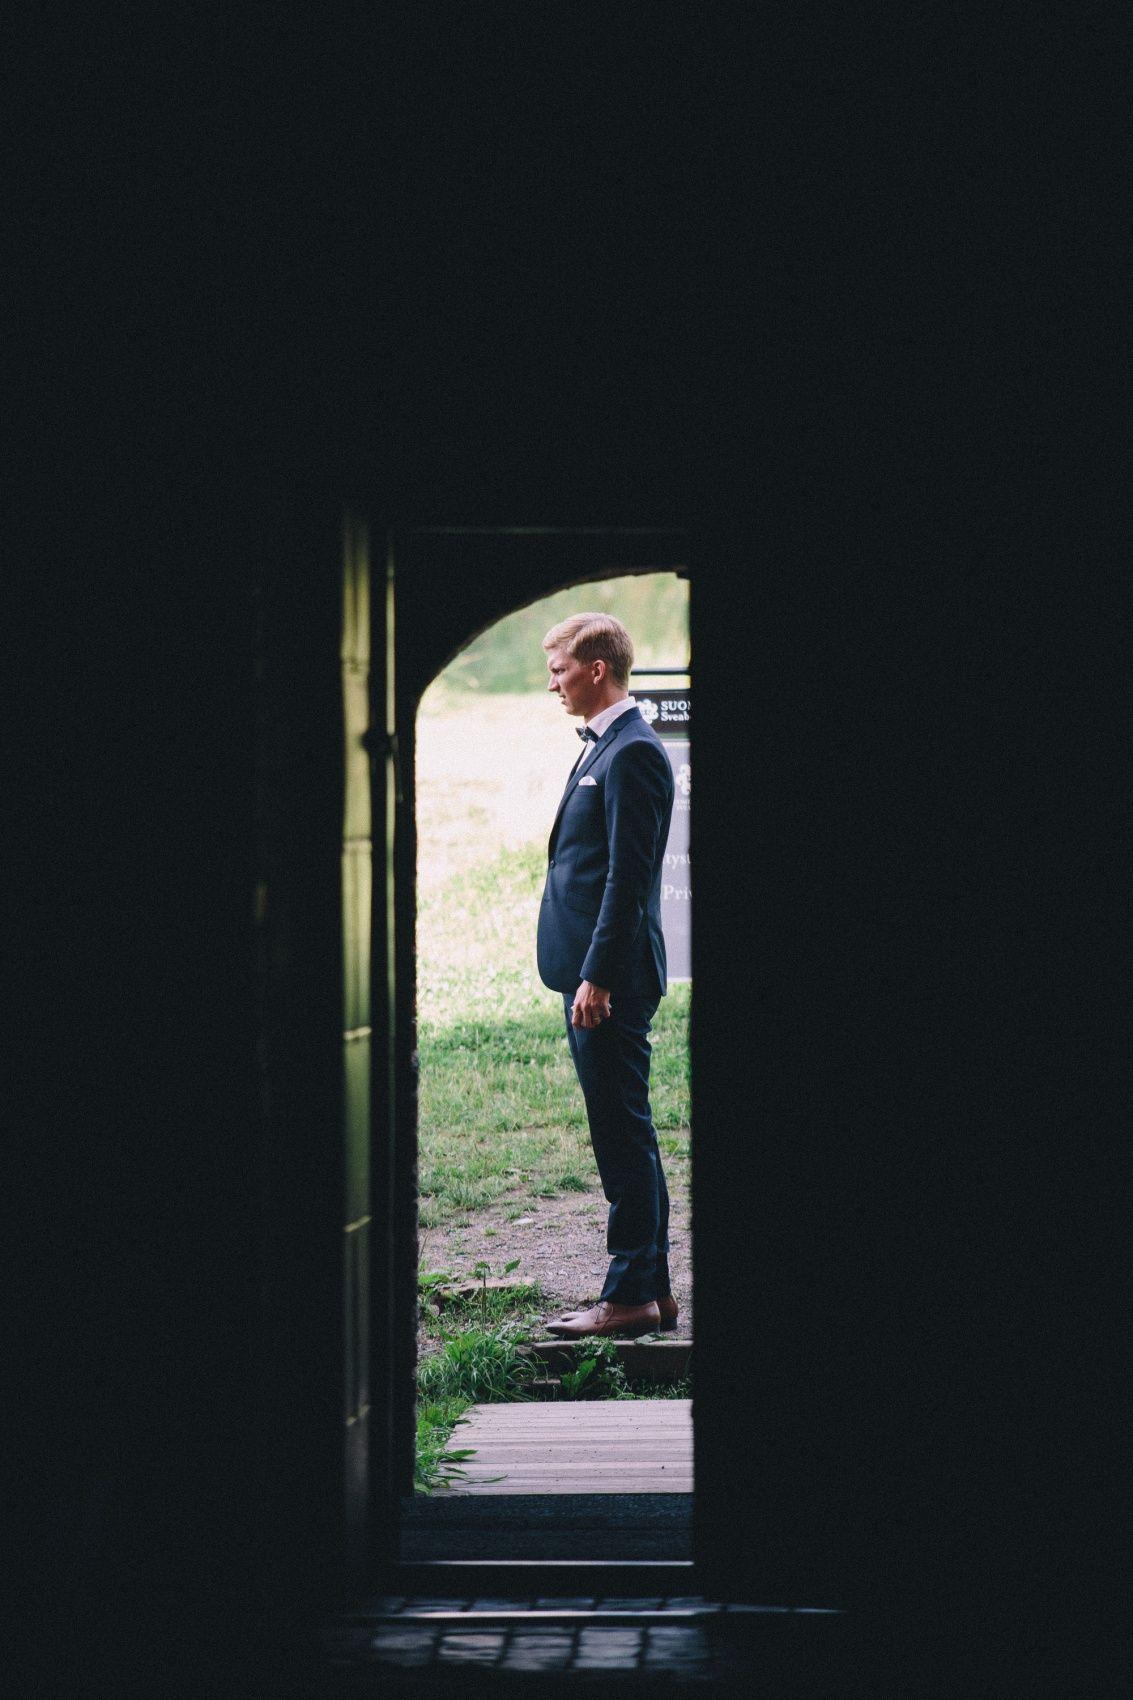 Hääkuvaaja - Niko Hänninen Wedding Photographer - Niko Hänninen hääkuva wedding photography www.nikohanninen.com